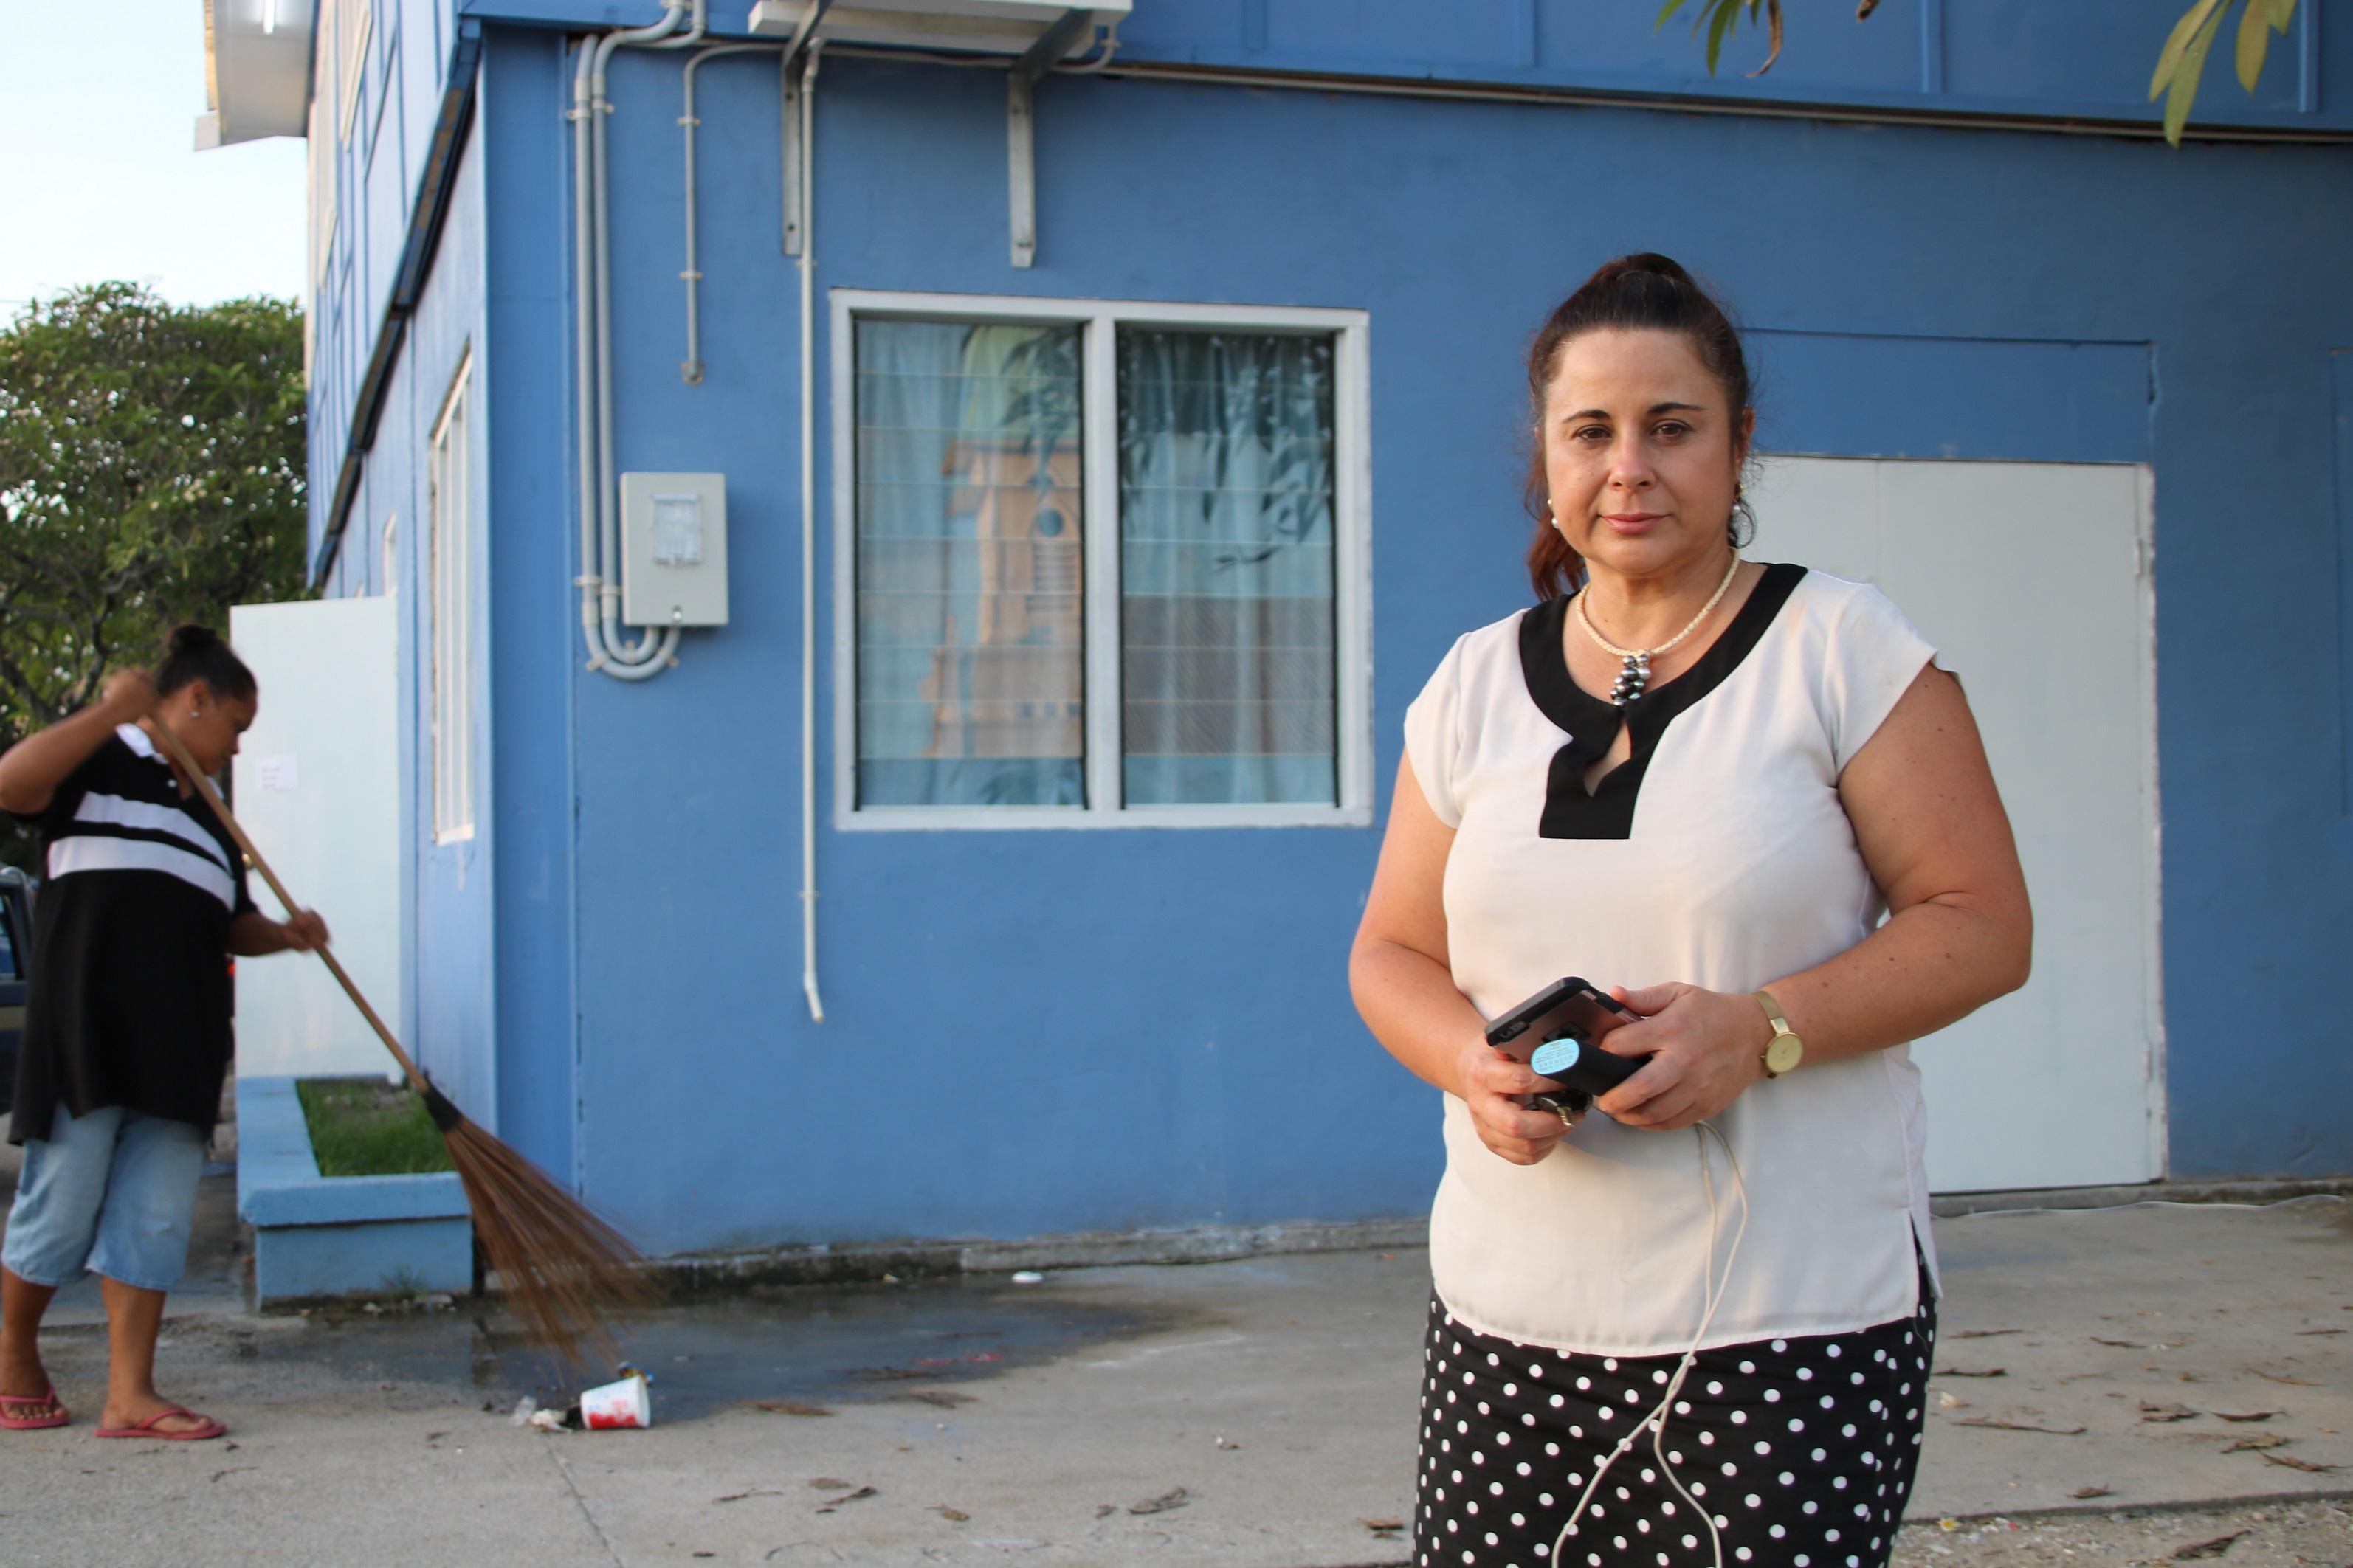 La journaliste néo-zélandaise Barbara Dreaver a été arrêtée pour avoir interrogé des migrants d'un des camps australiens installés sur l'île de Nauru ©Mike Leyral / TNTV